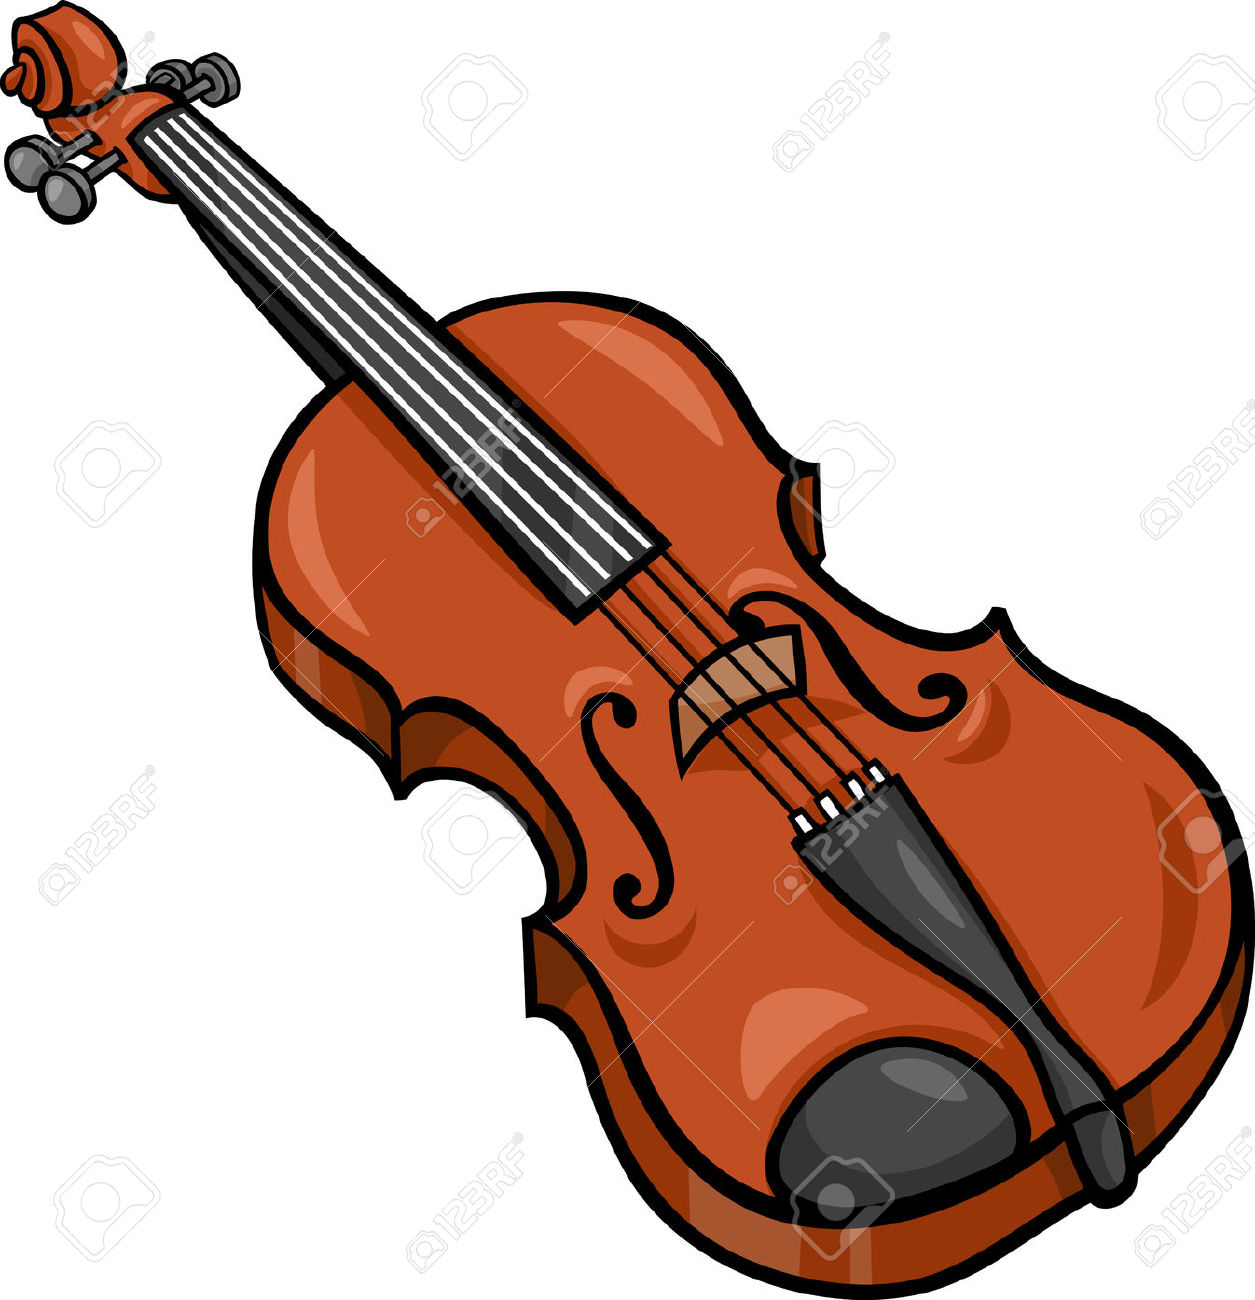 Cartoon Illustration Of Violin Musical Instrument Clip Art Royalty.